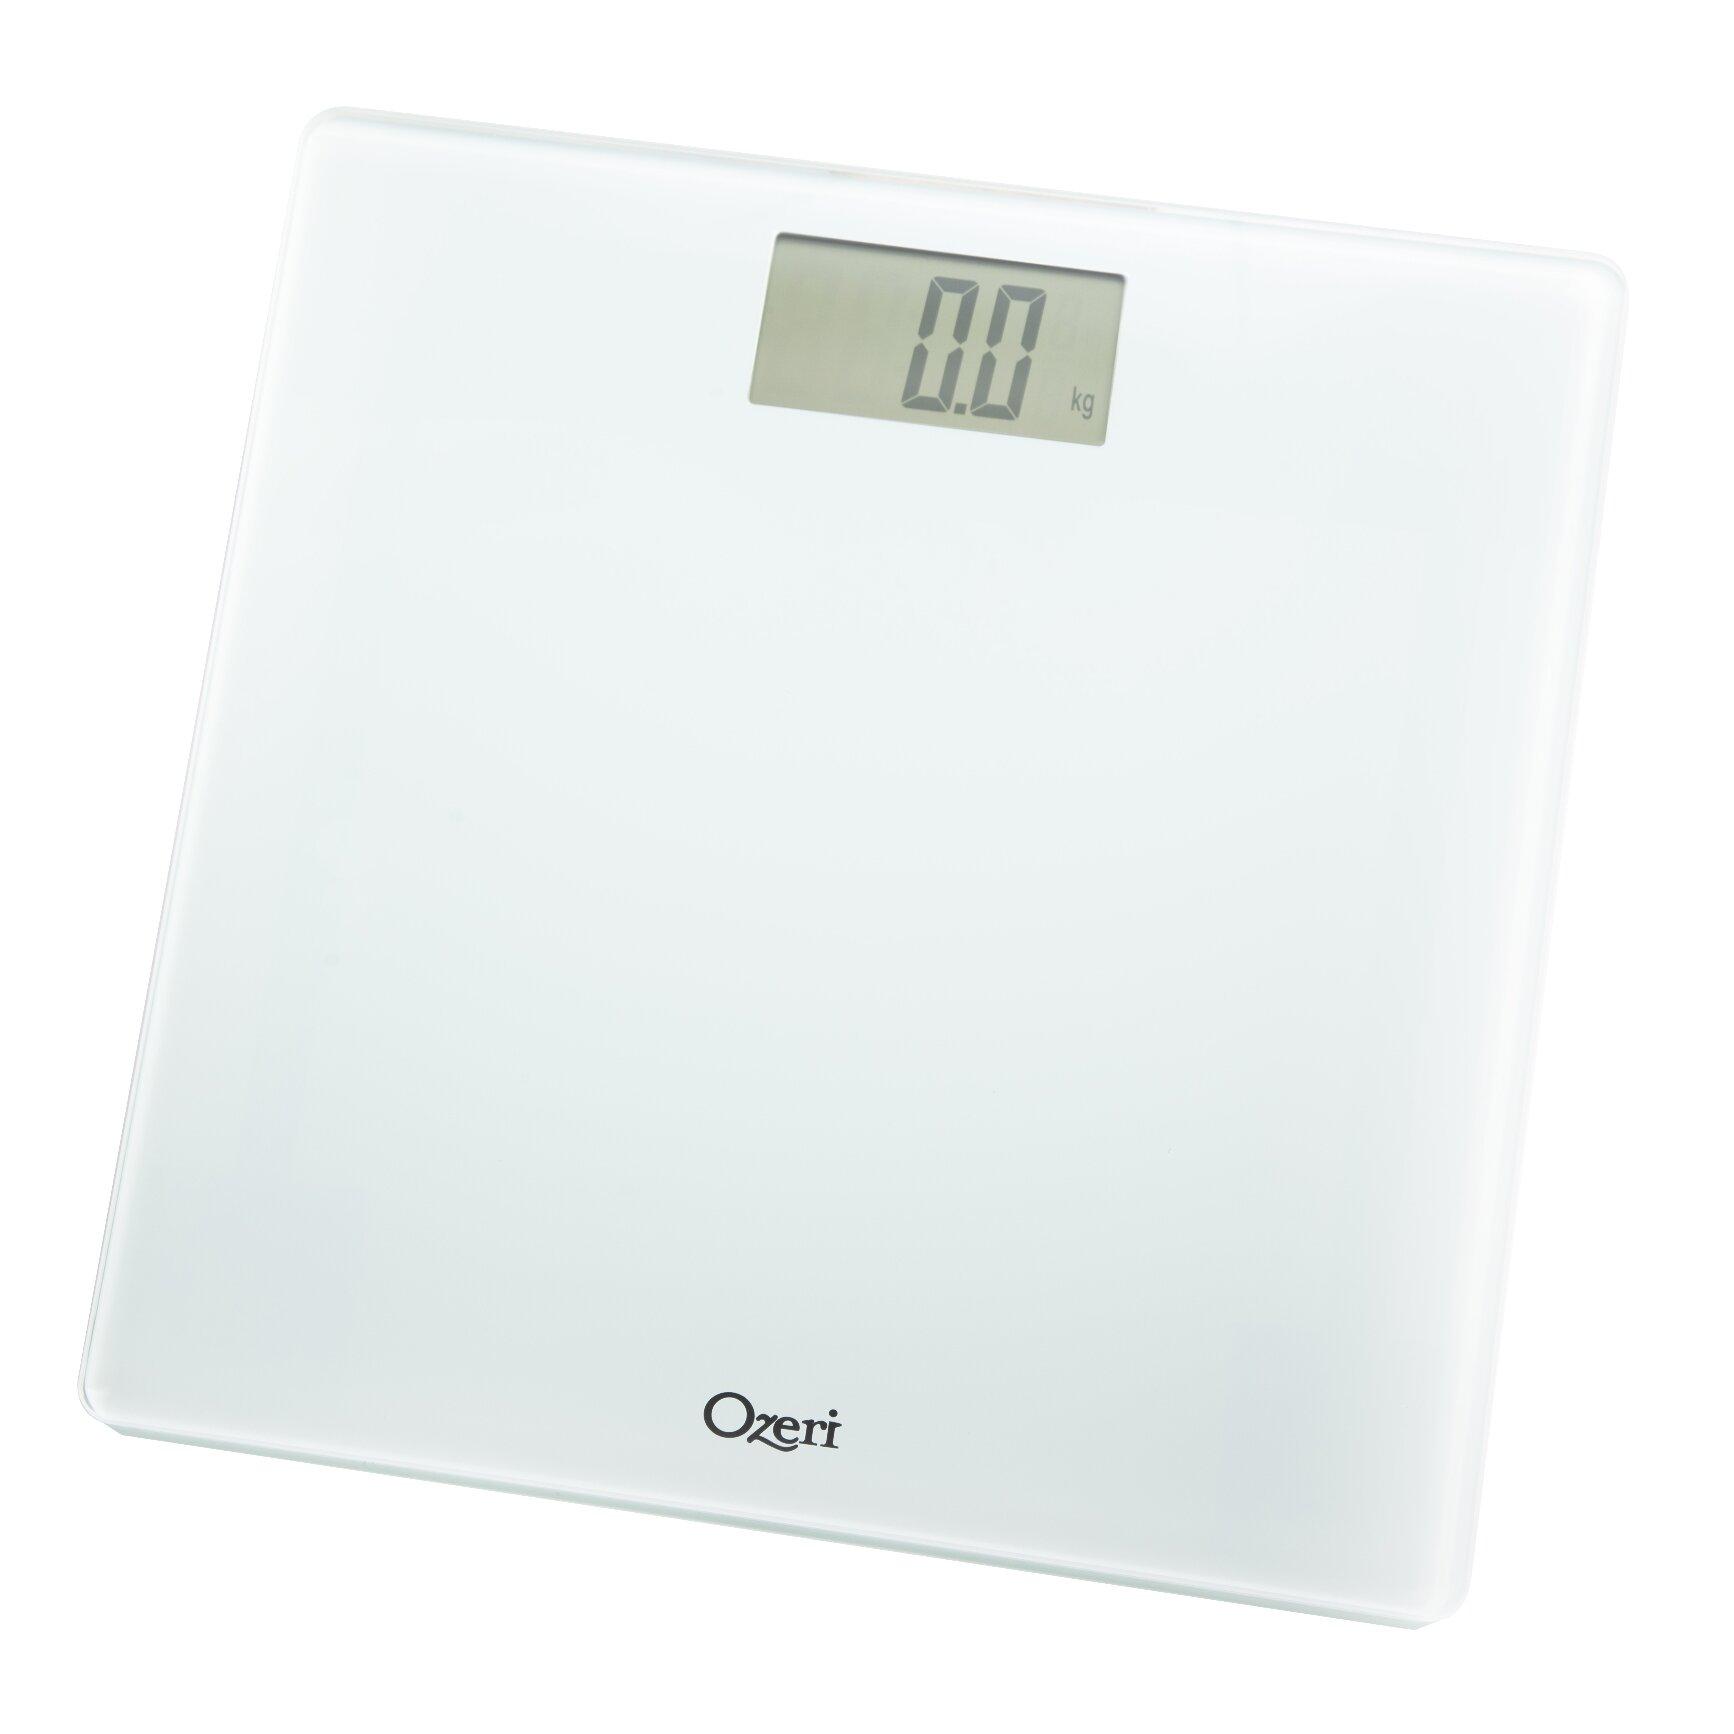 Digital Bathroom Scales For Sale: Ozeri Precision Digital Bath Scale